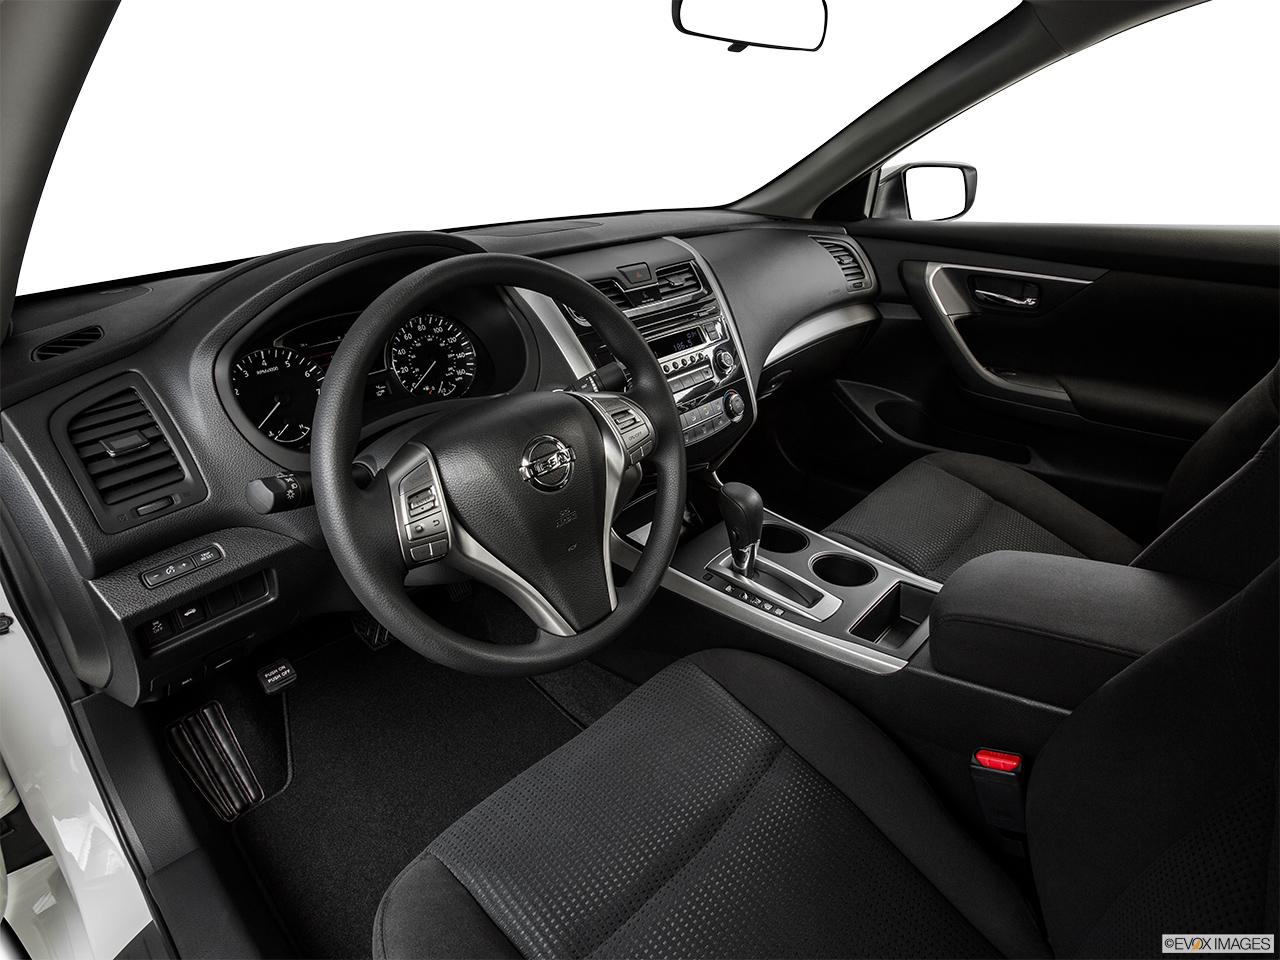 2015 Nissan Altima I4 2.5 Sedan   Interior Hero (driveru0027s Side)